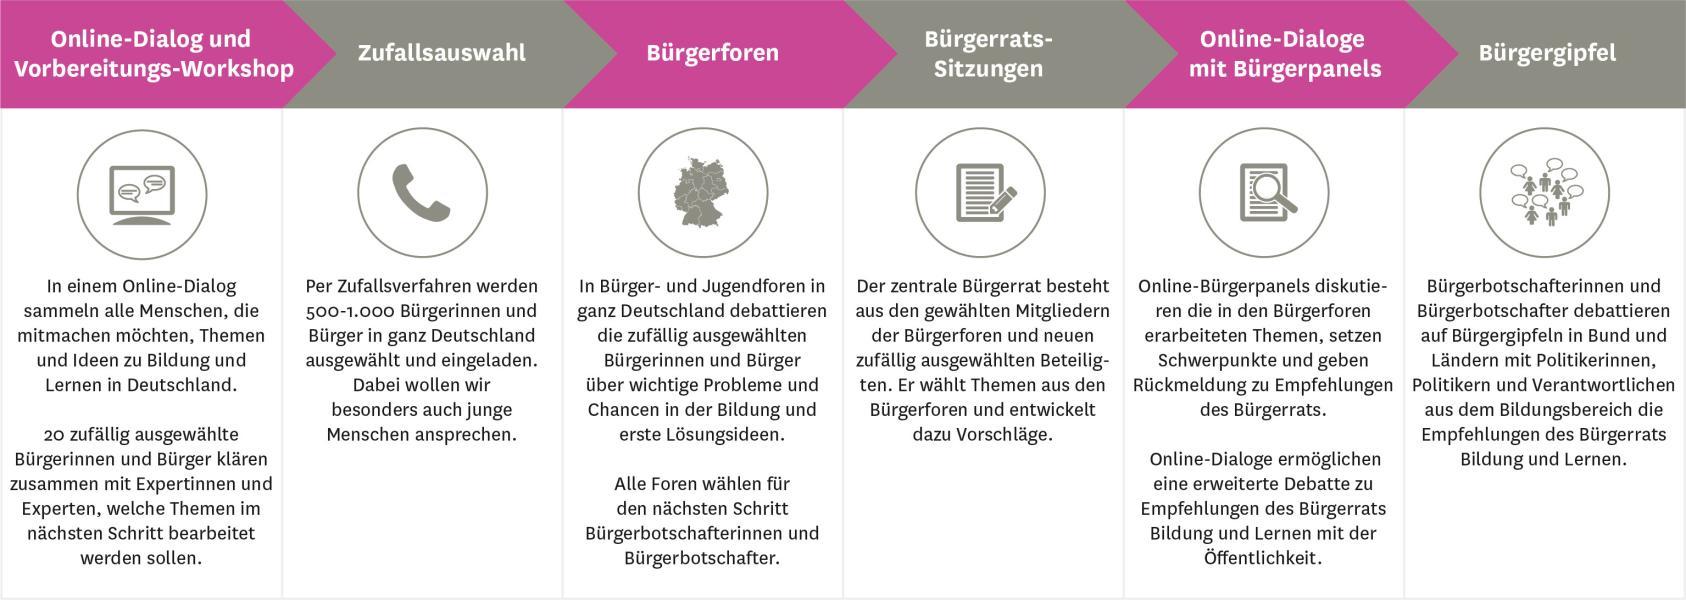 Wann Ist Die Nächste Bundestagswahl In Deutschland